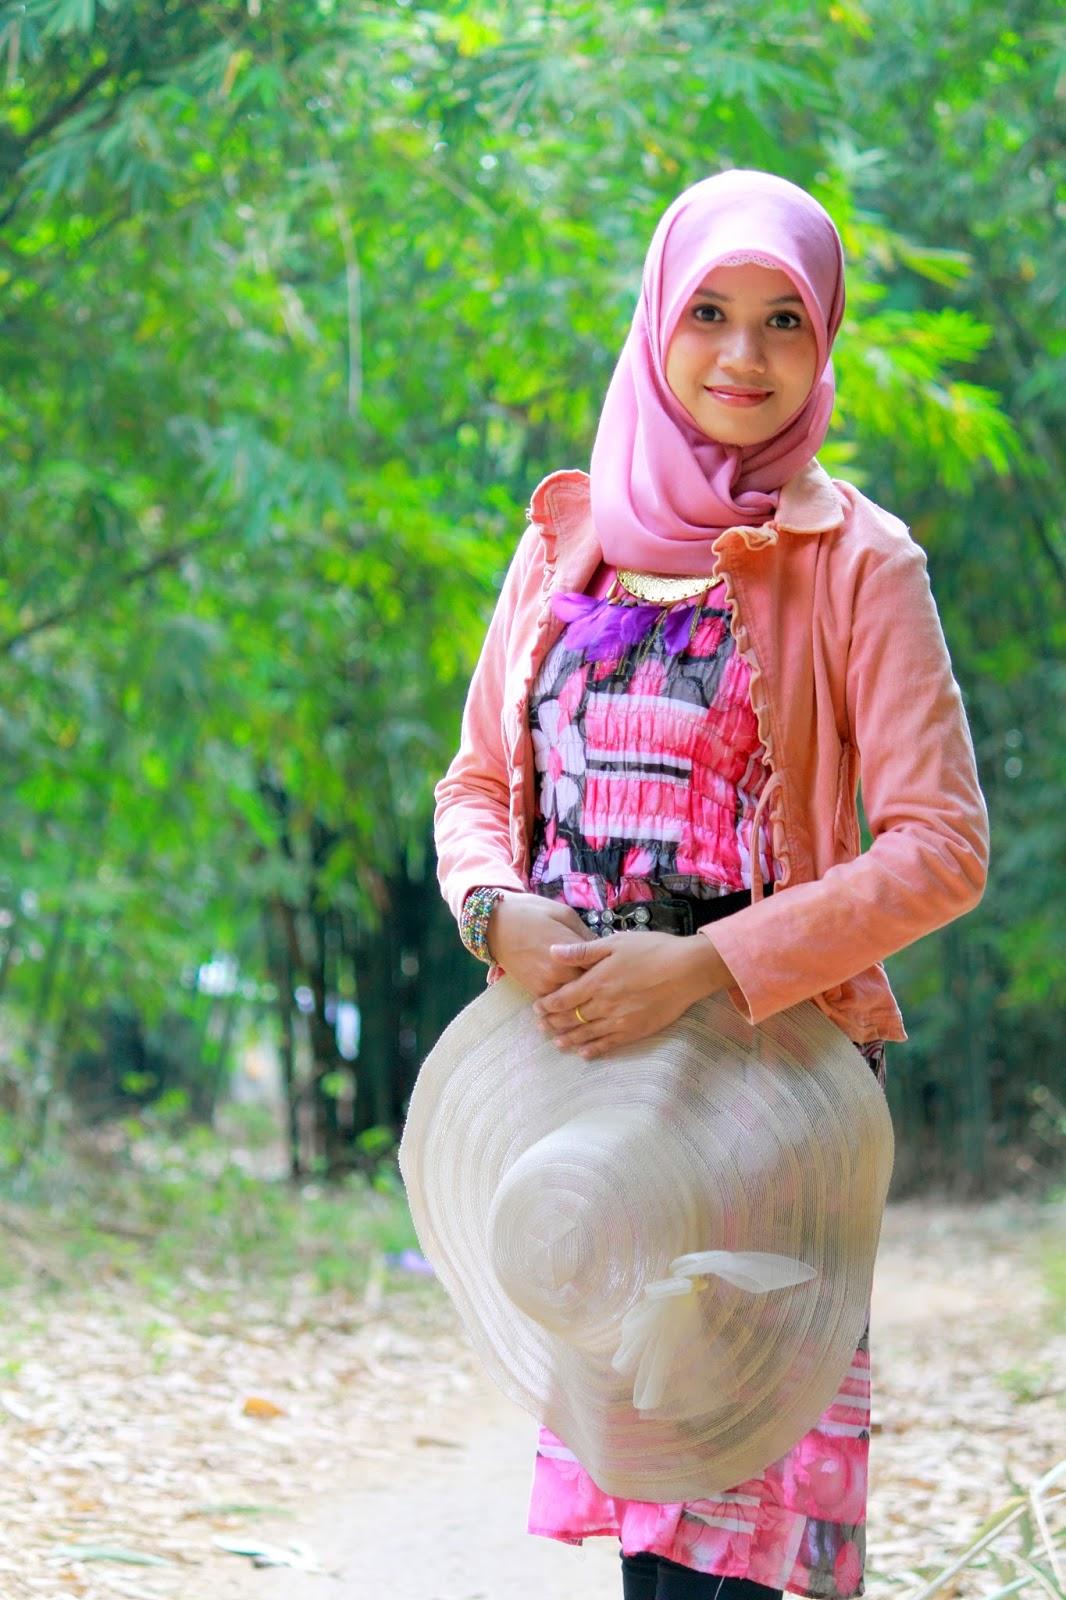 Hunting Model hijab cantik Hani Nirmalasari Jibaer Mahasiswa Kampus manis tunik Hunting Model hijab cantik Hani Nirmalasari Jibaer Mahasiswa Kampus manis elegan untuk wisuda